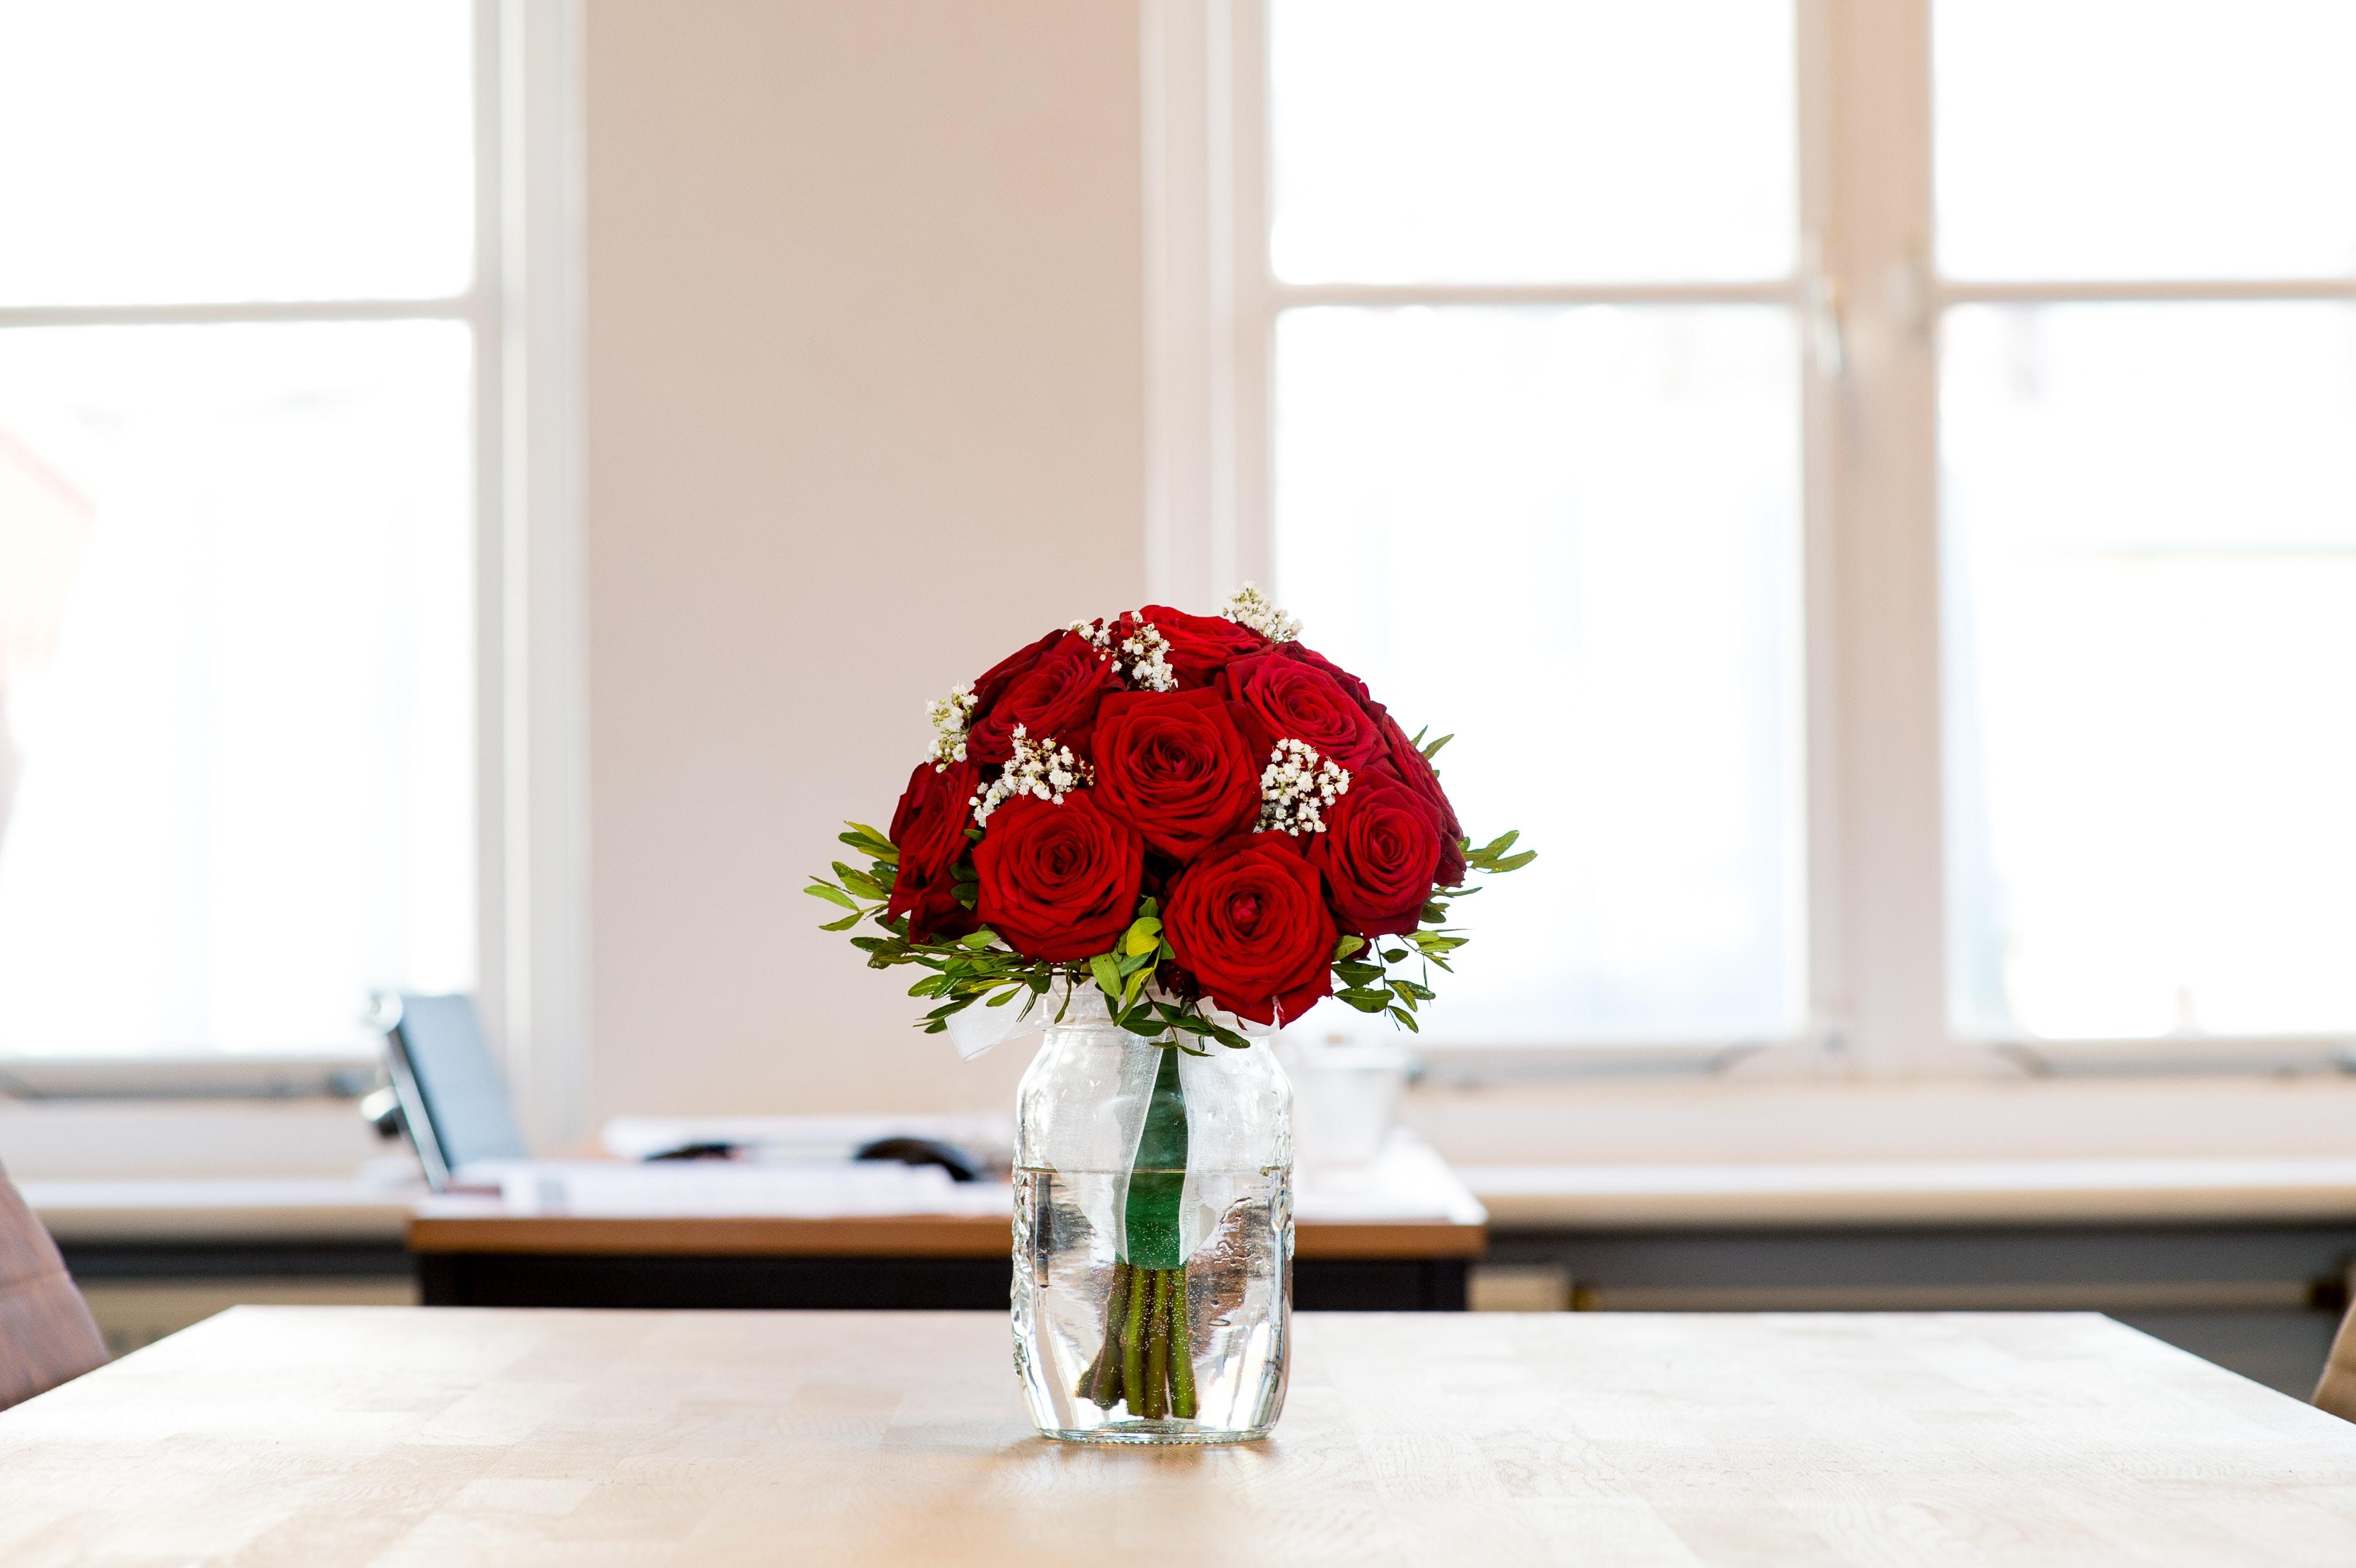 bouquet de roses table vide date